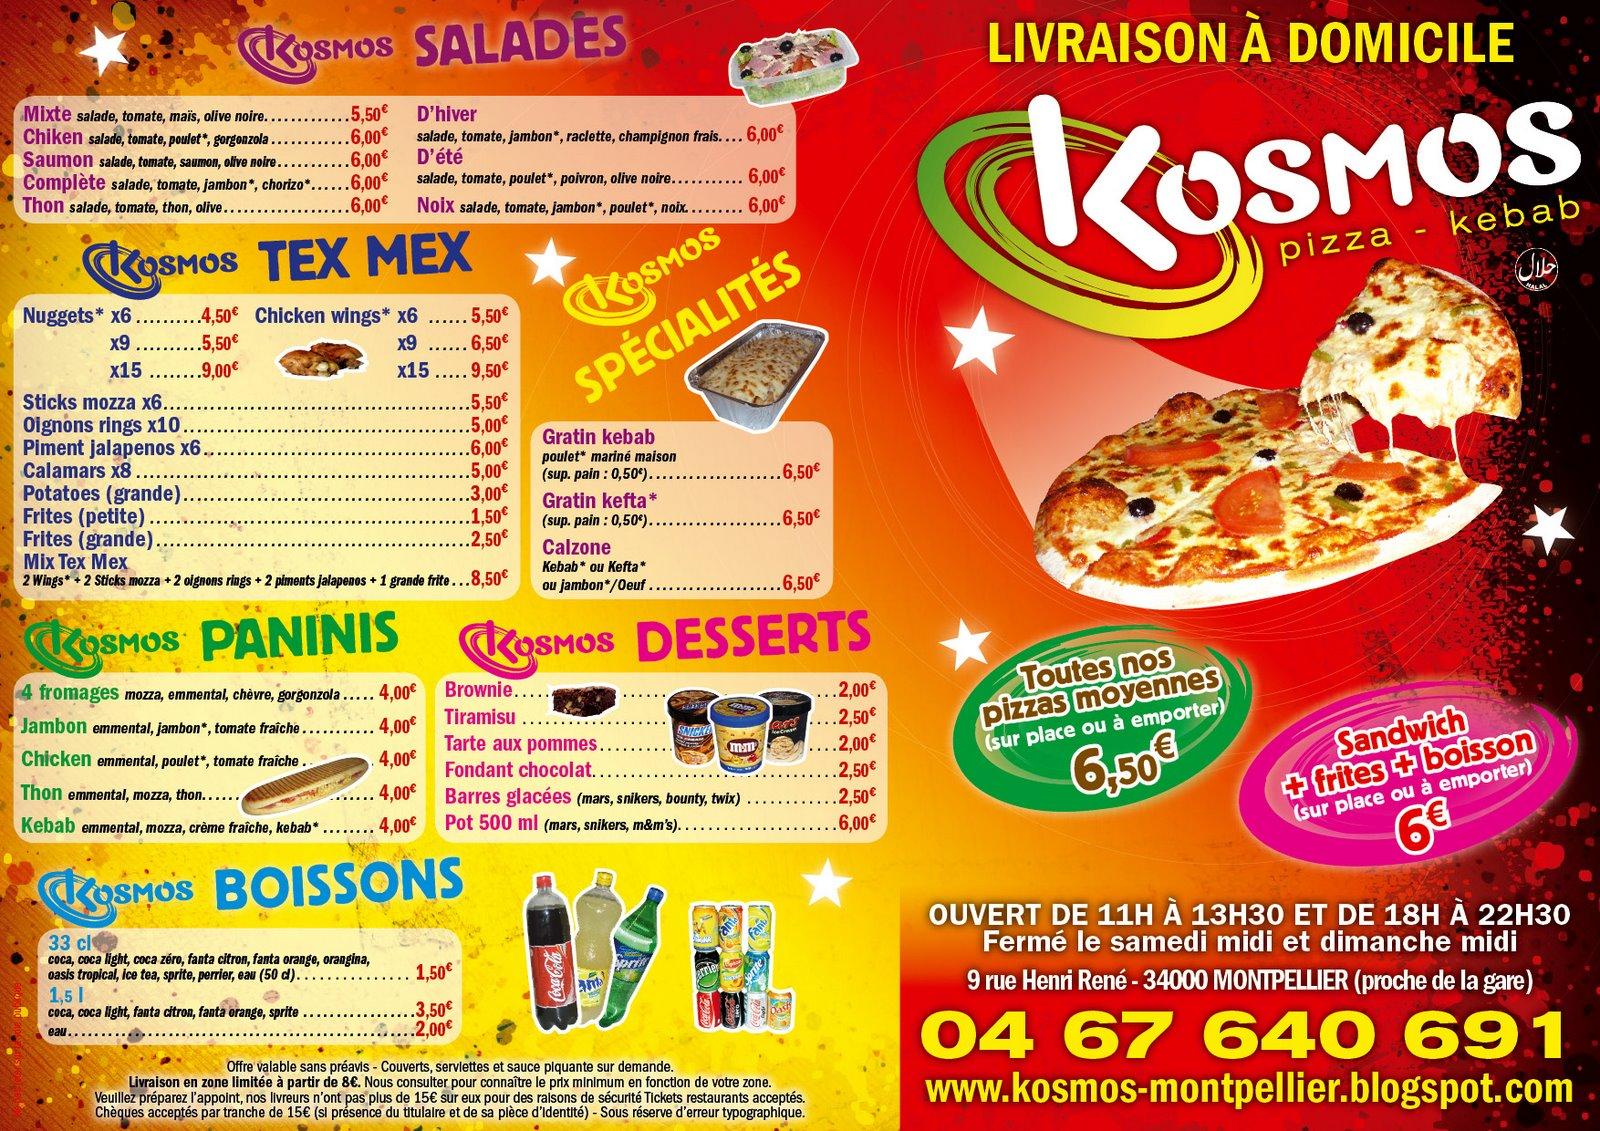 Kosmos Kebab